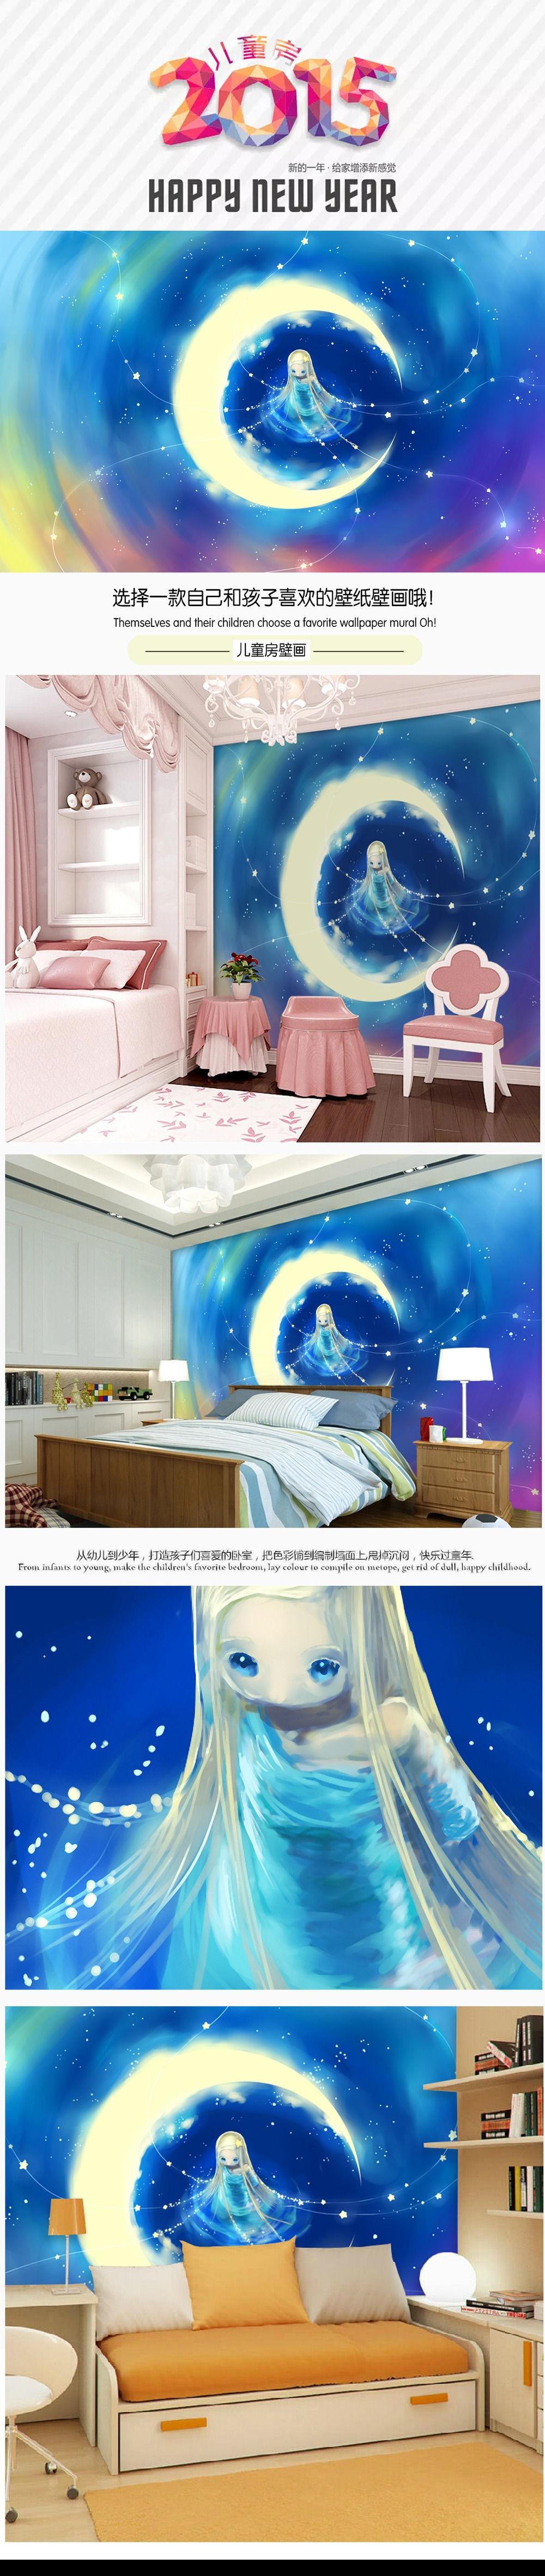 童话世界月亮仙子手绘儿童房背景墙